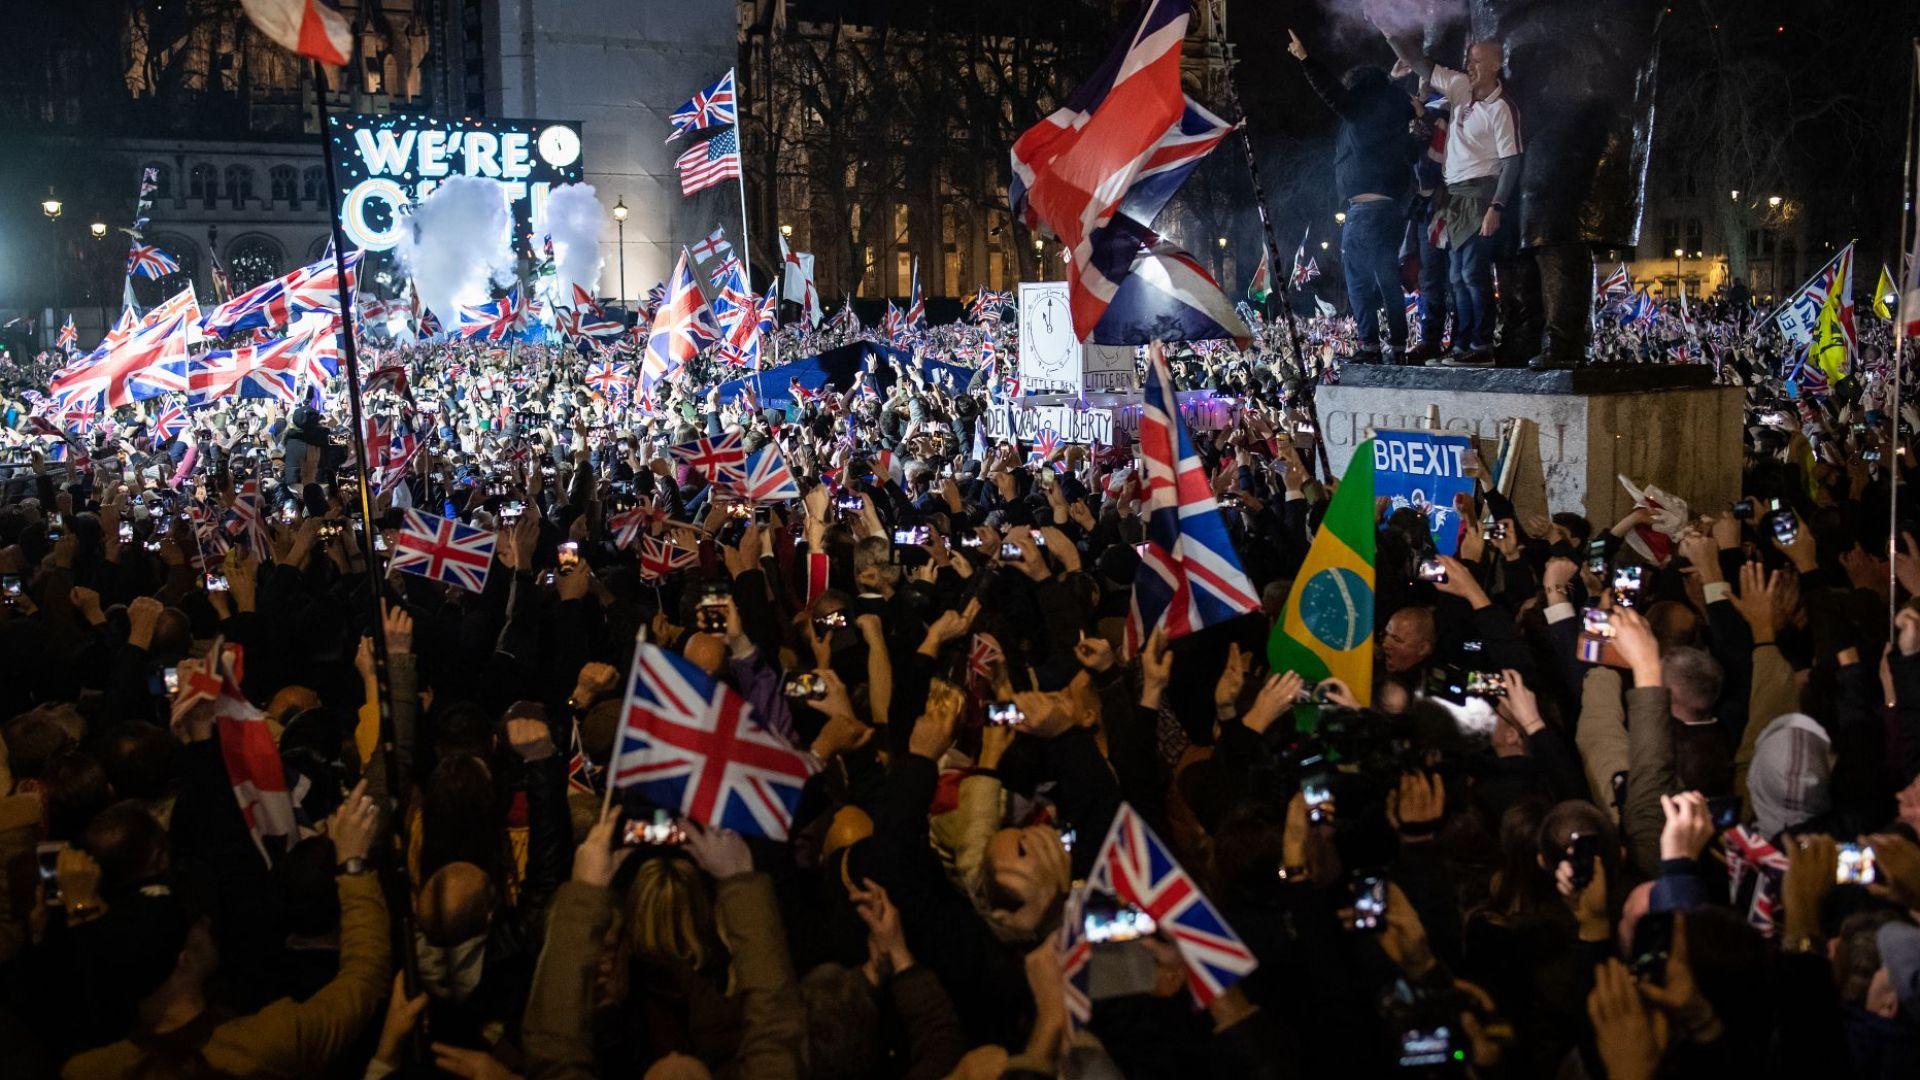 Славна национална драма: Великобритания напусна Европейския съюз